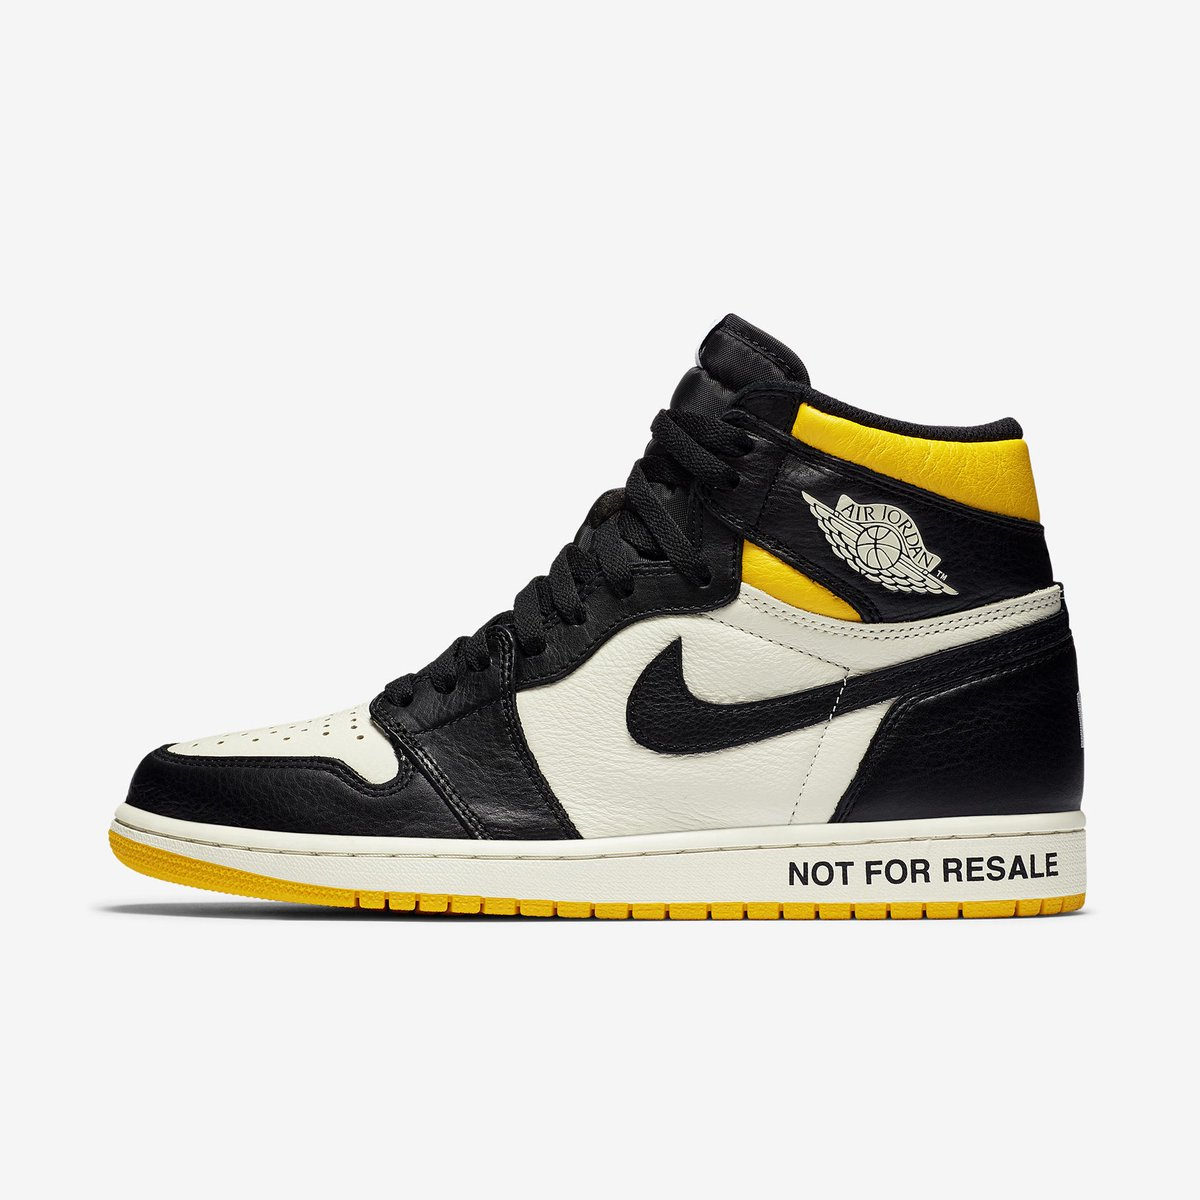 """... Official Nike images of the """"Not For Resale"""" Air Jordan 1 Retro High OG  ... da99b703f"""